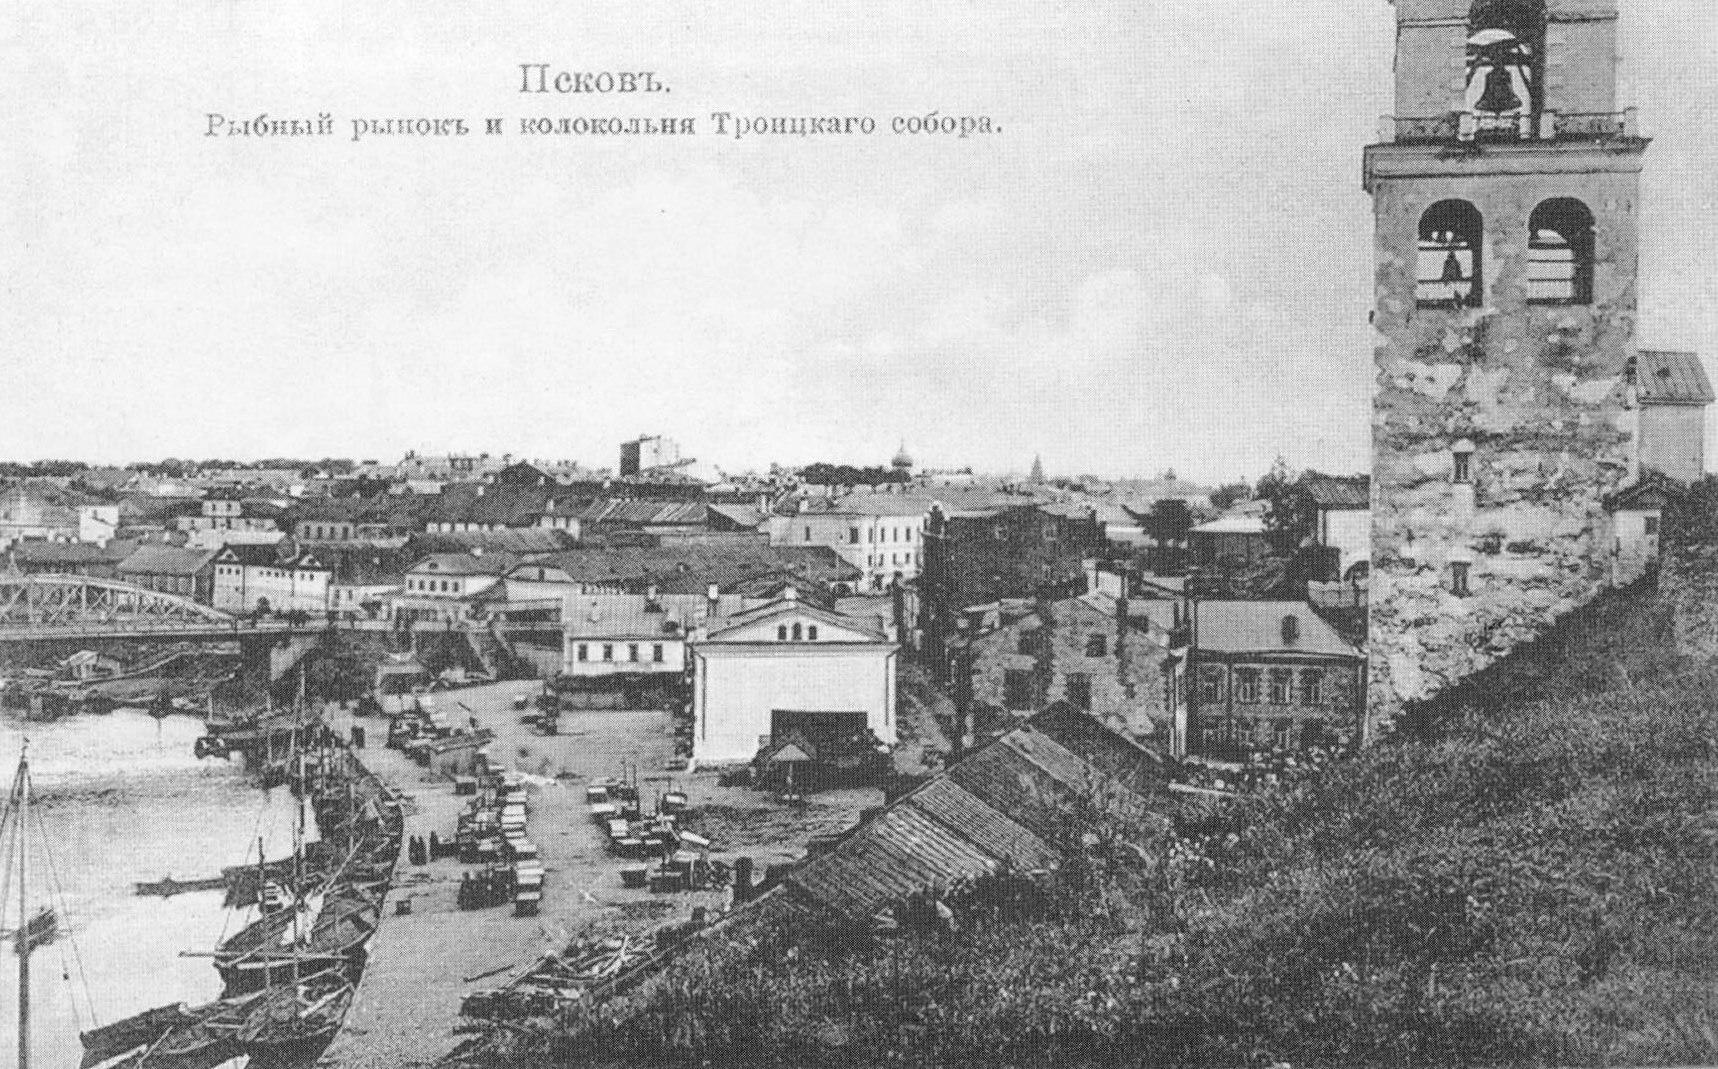 Псков. Рыбный рынок и колокольня Троицкого собора.